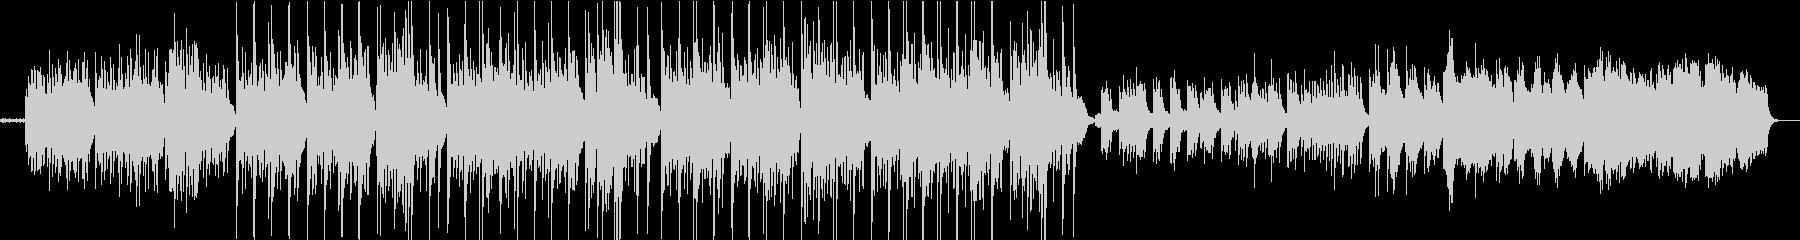 虚無的なエレクトロニカサウンドの未再生の波形